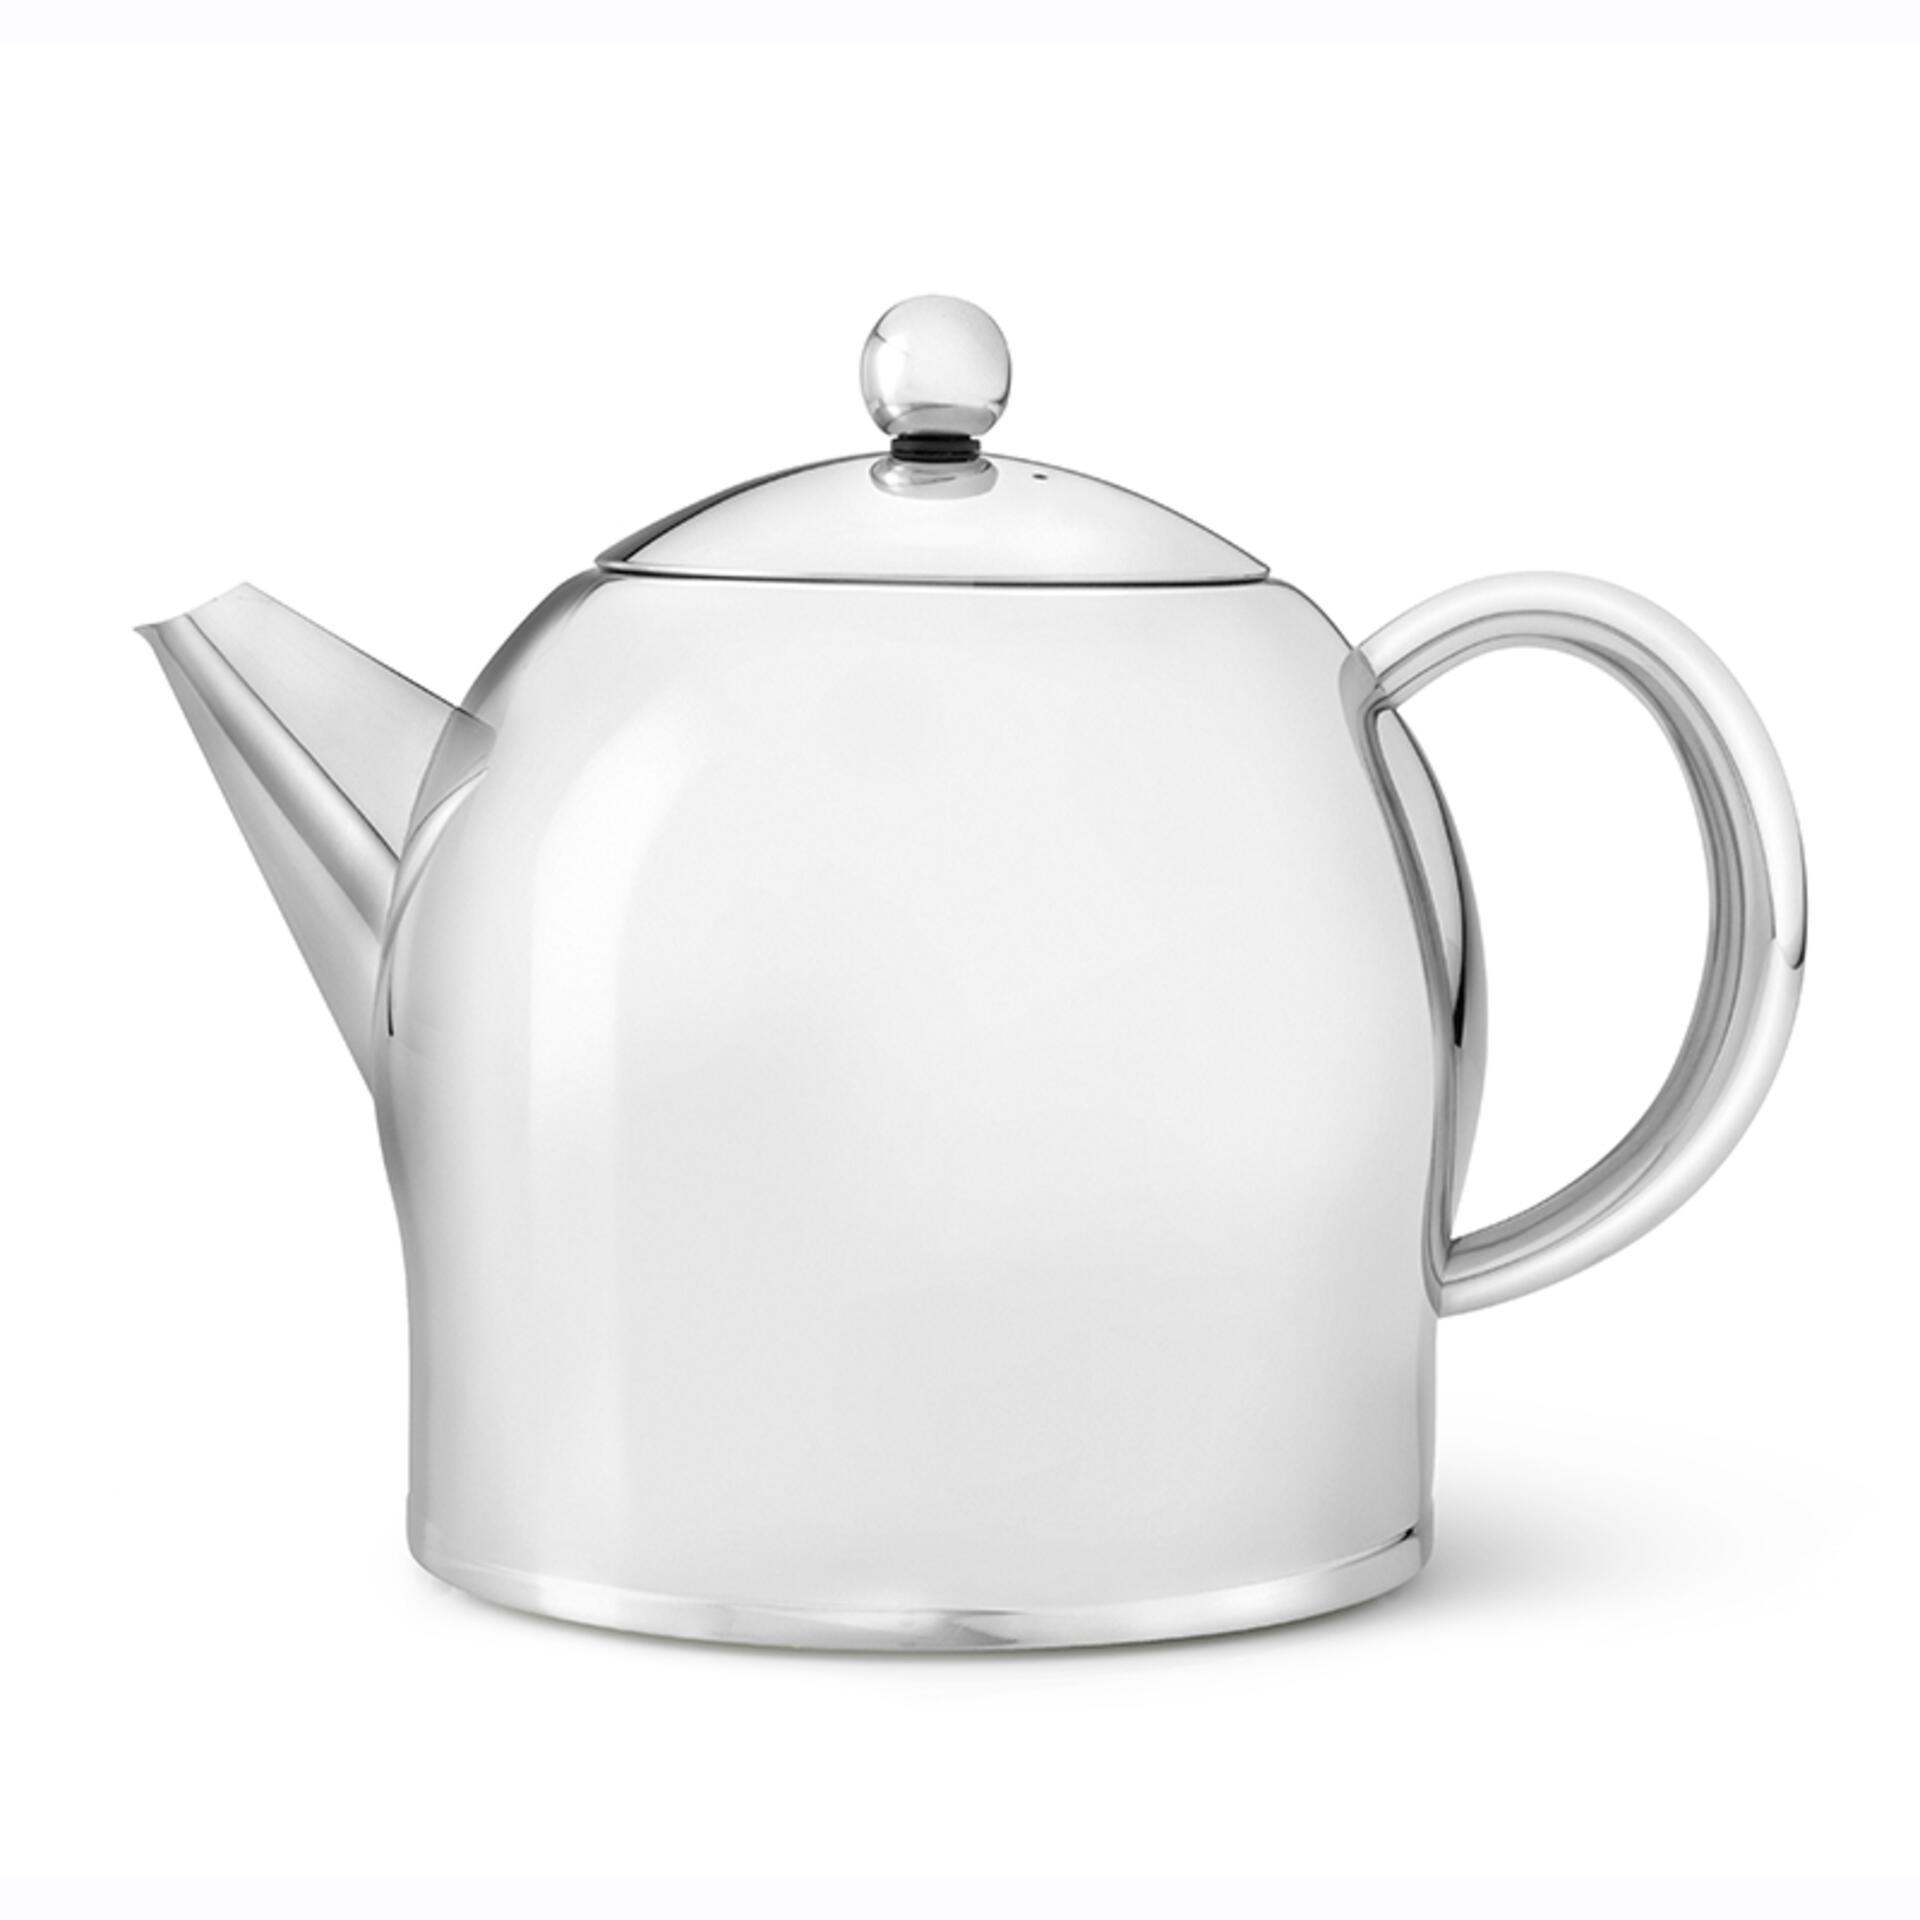 Bredemeijer Teekanne Minuet Santhee 1,4 l